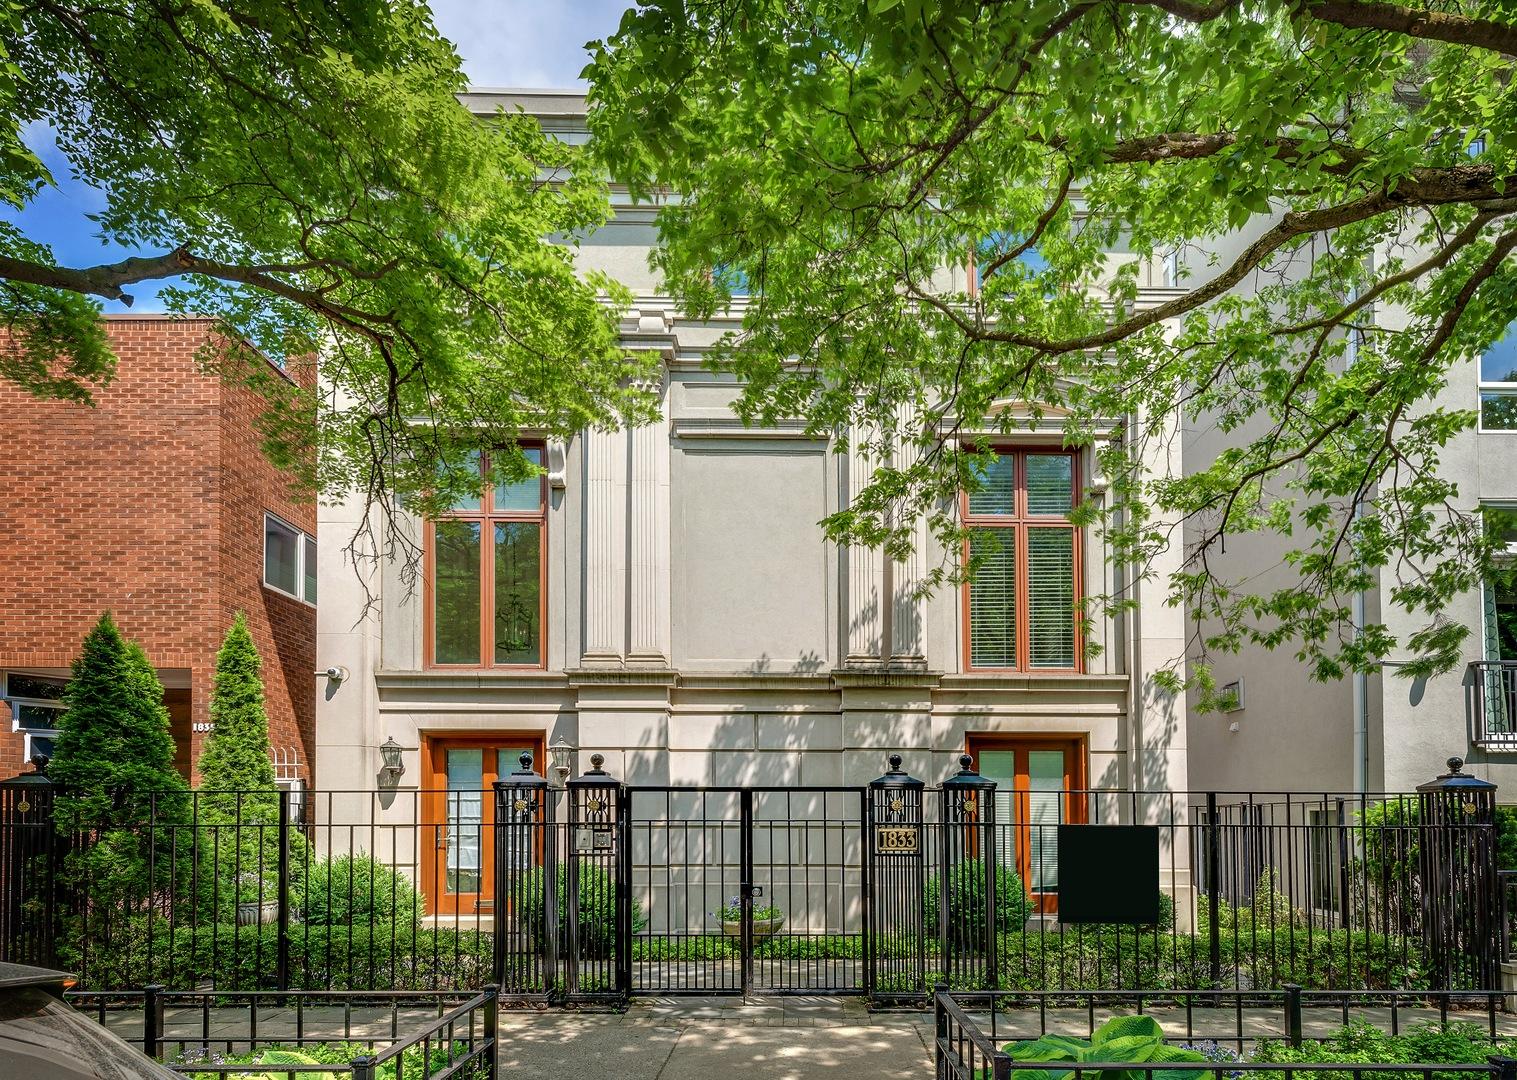 1833 N SEDGWICK Street, Chicago, Illinois 60614